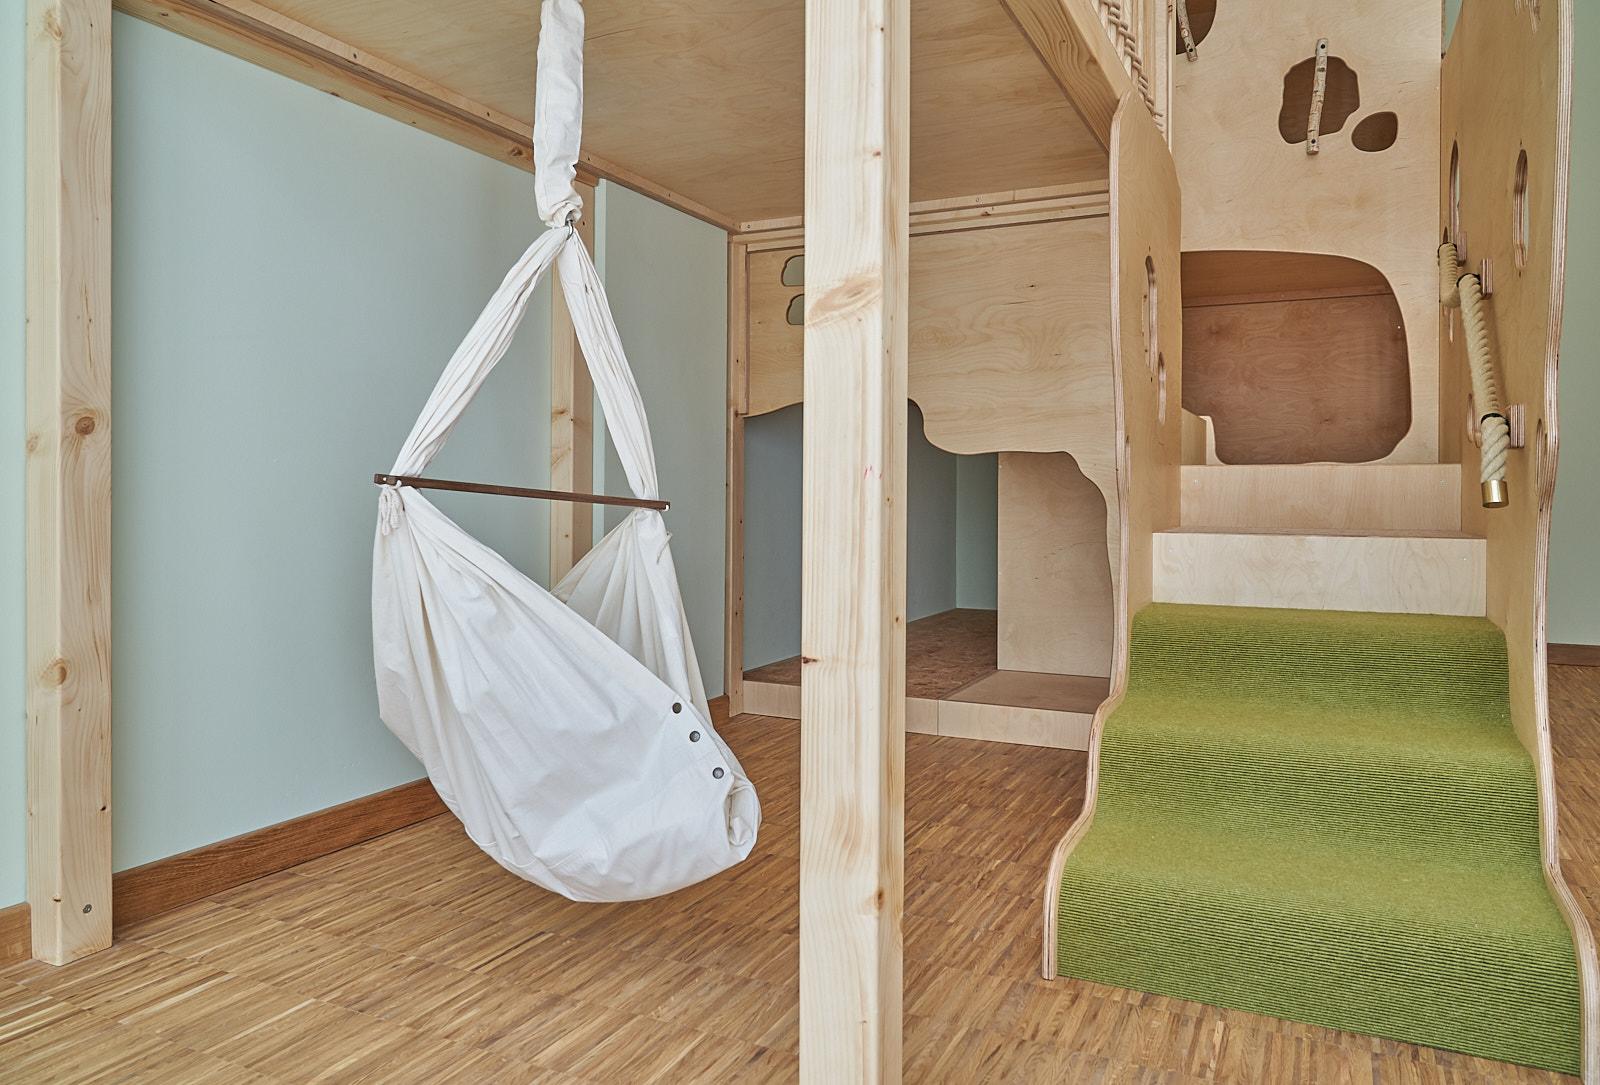 Schlafpodest, Kita, Kindergarten, Kindertagesstätte, Ruhe, Schlafen 01.jpg